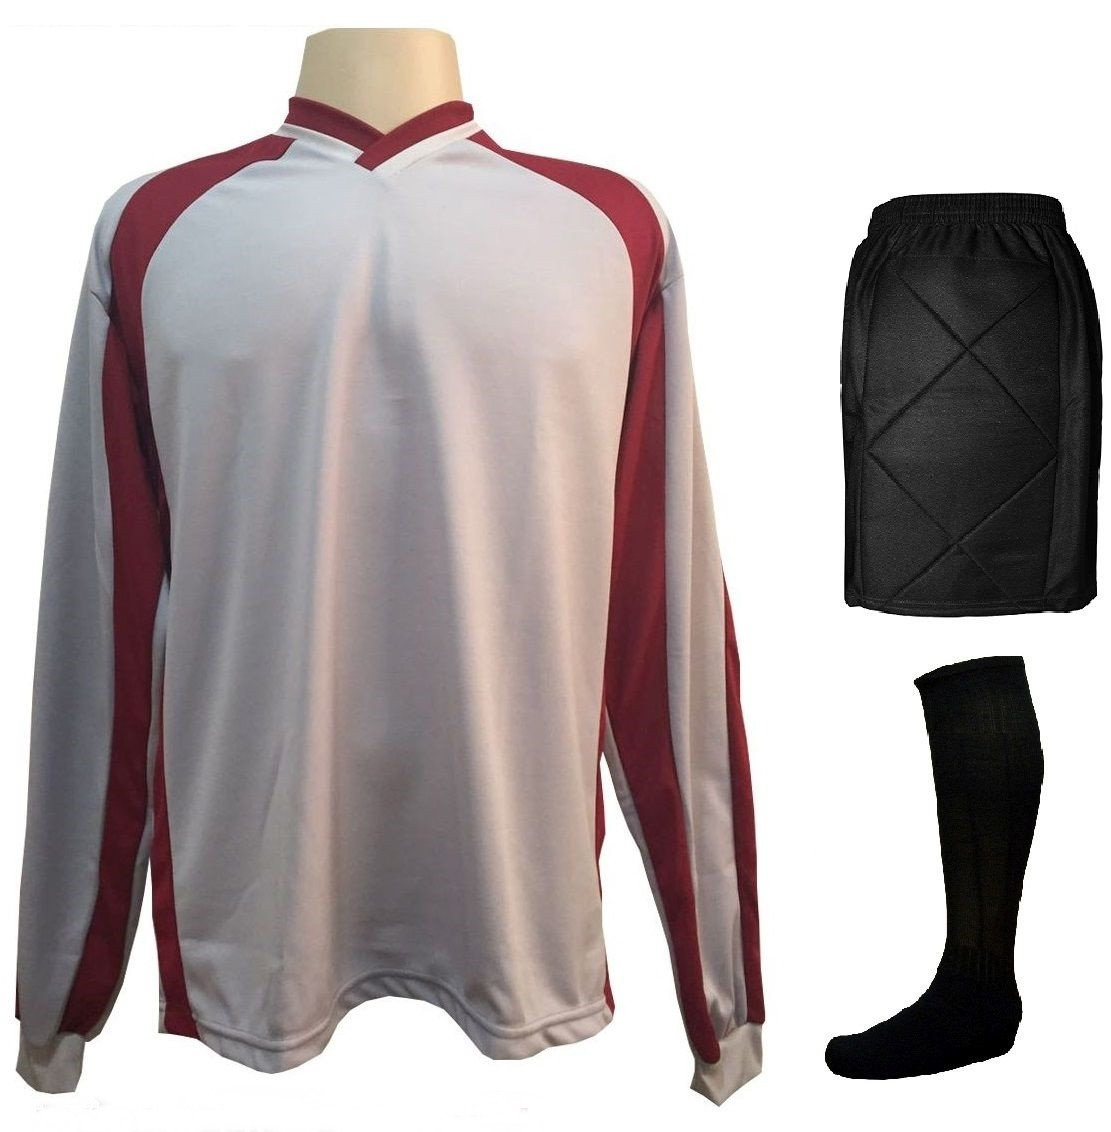 Uniforme Espotivo Completo modelo Sporting 14+1 (14 camisas Royal/Vermelho/Branco + 14 calções Madrid Vermelho + 14 pares de meiões Brancos + 1 conjunto de goleiro) + Brindes